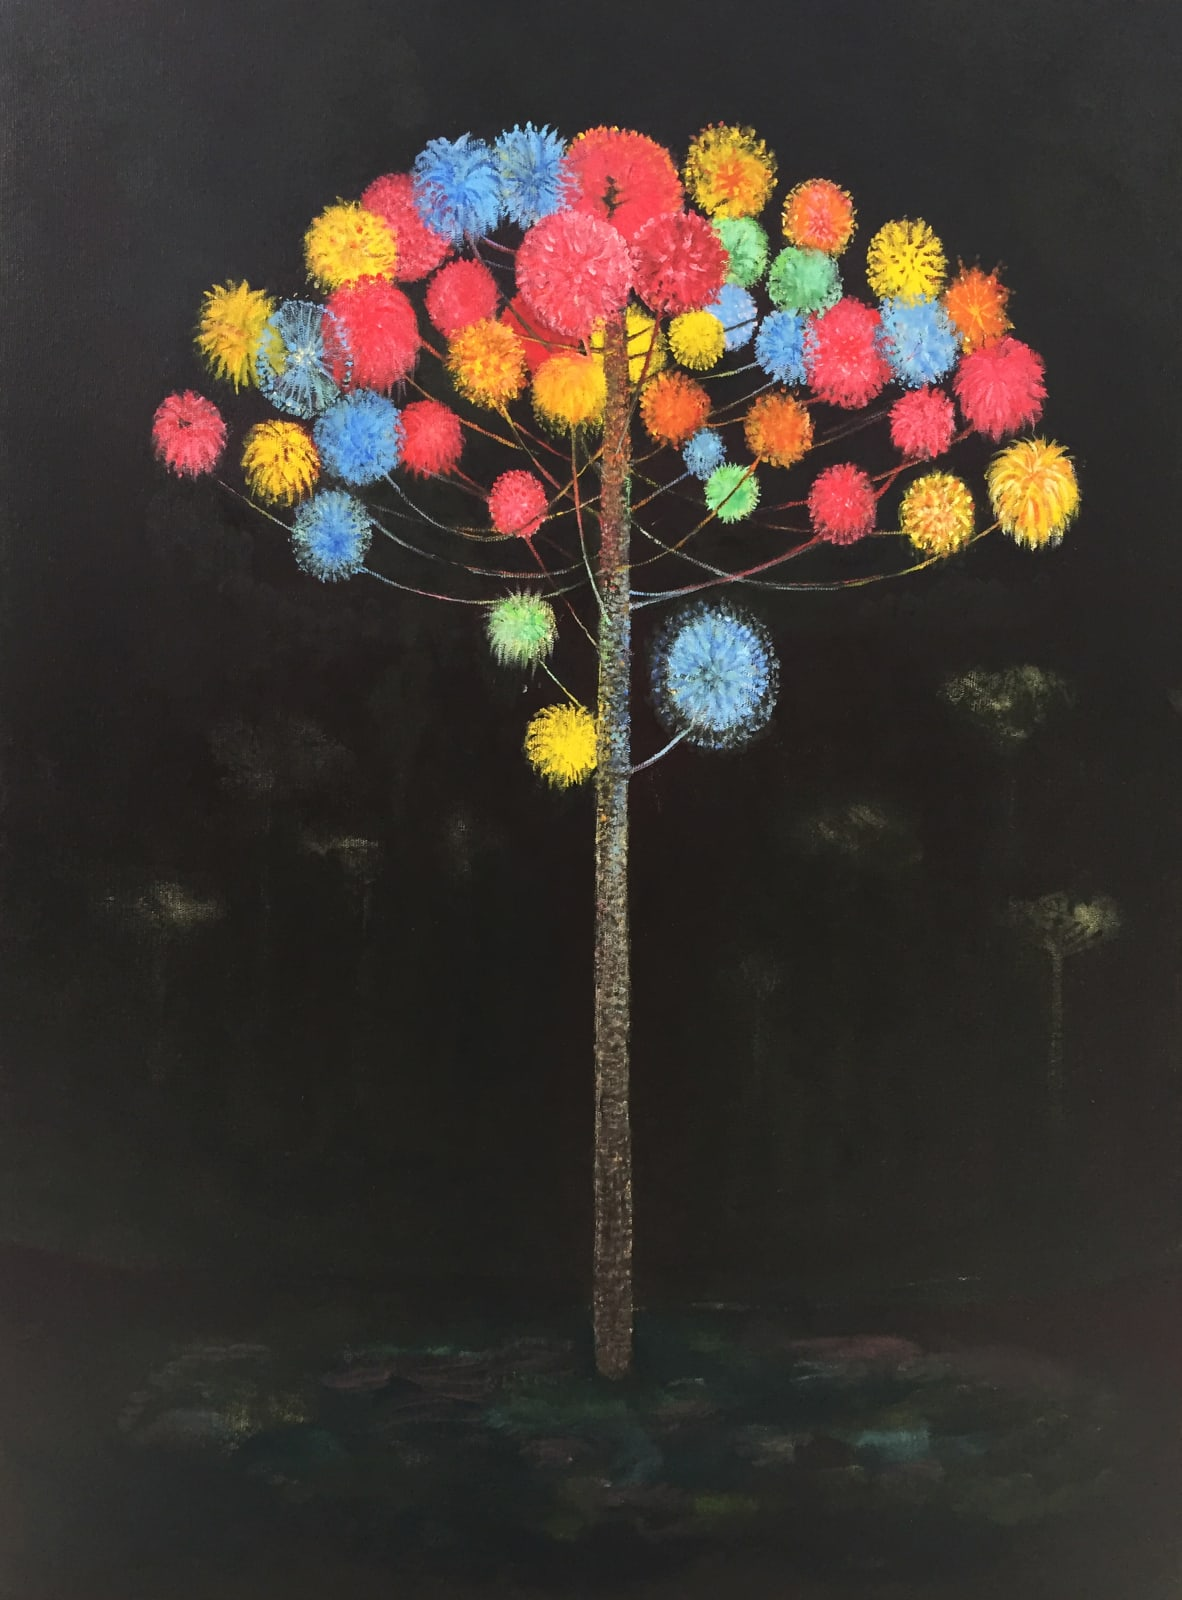 Ari Lankin, Tree II, 2019